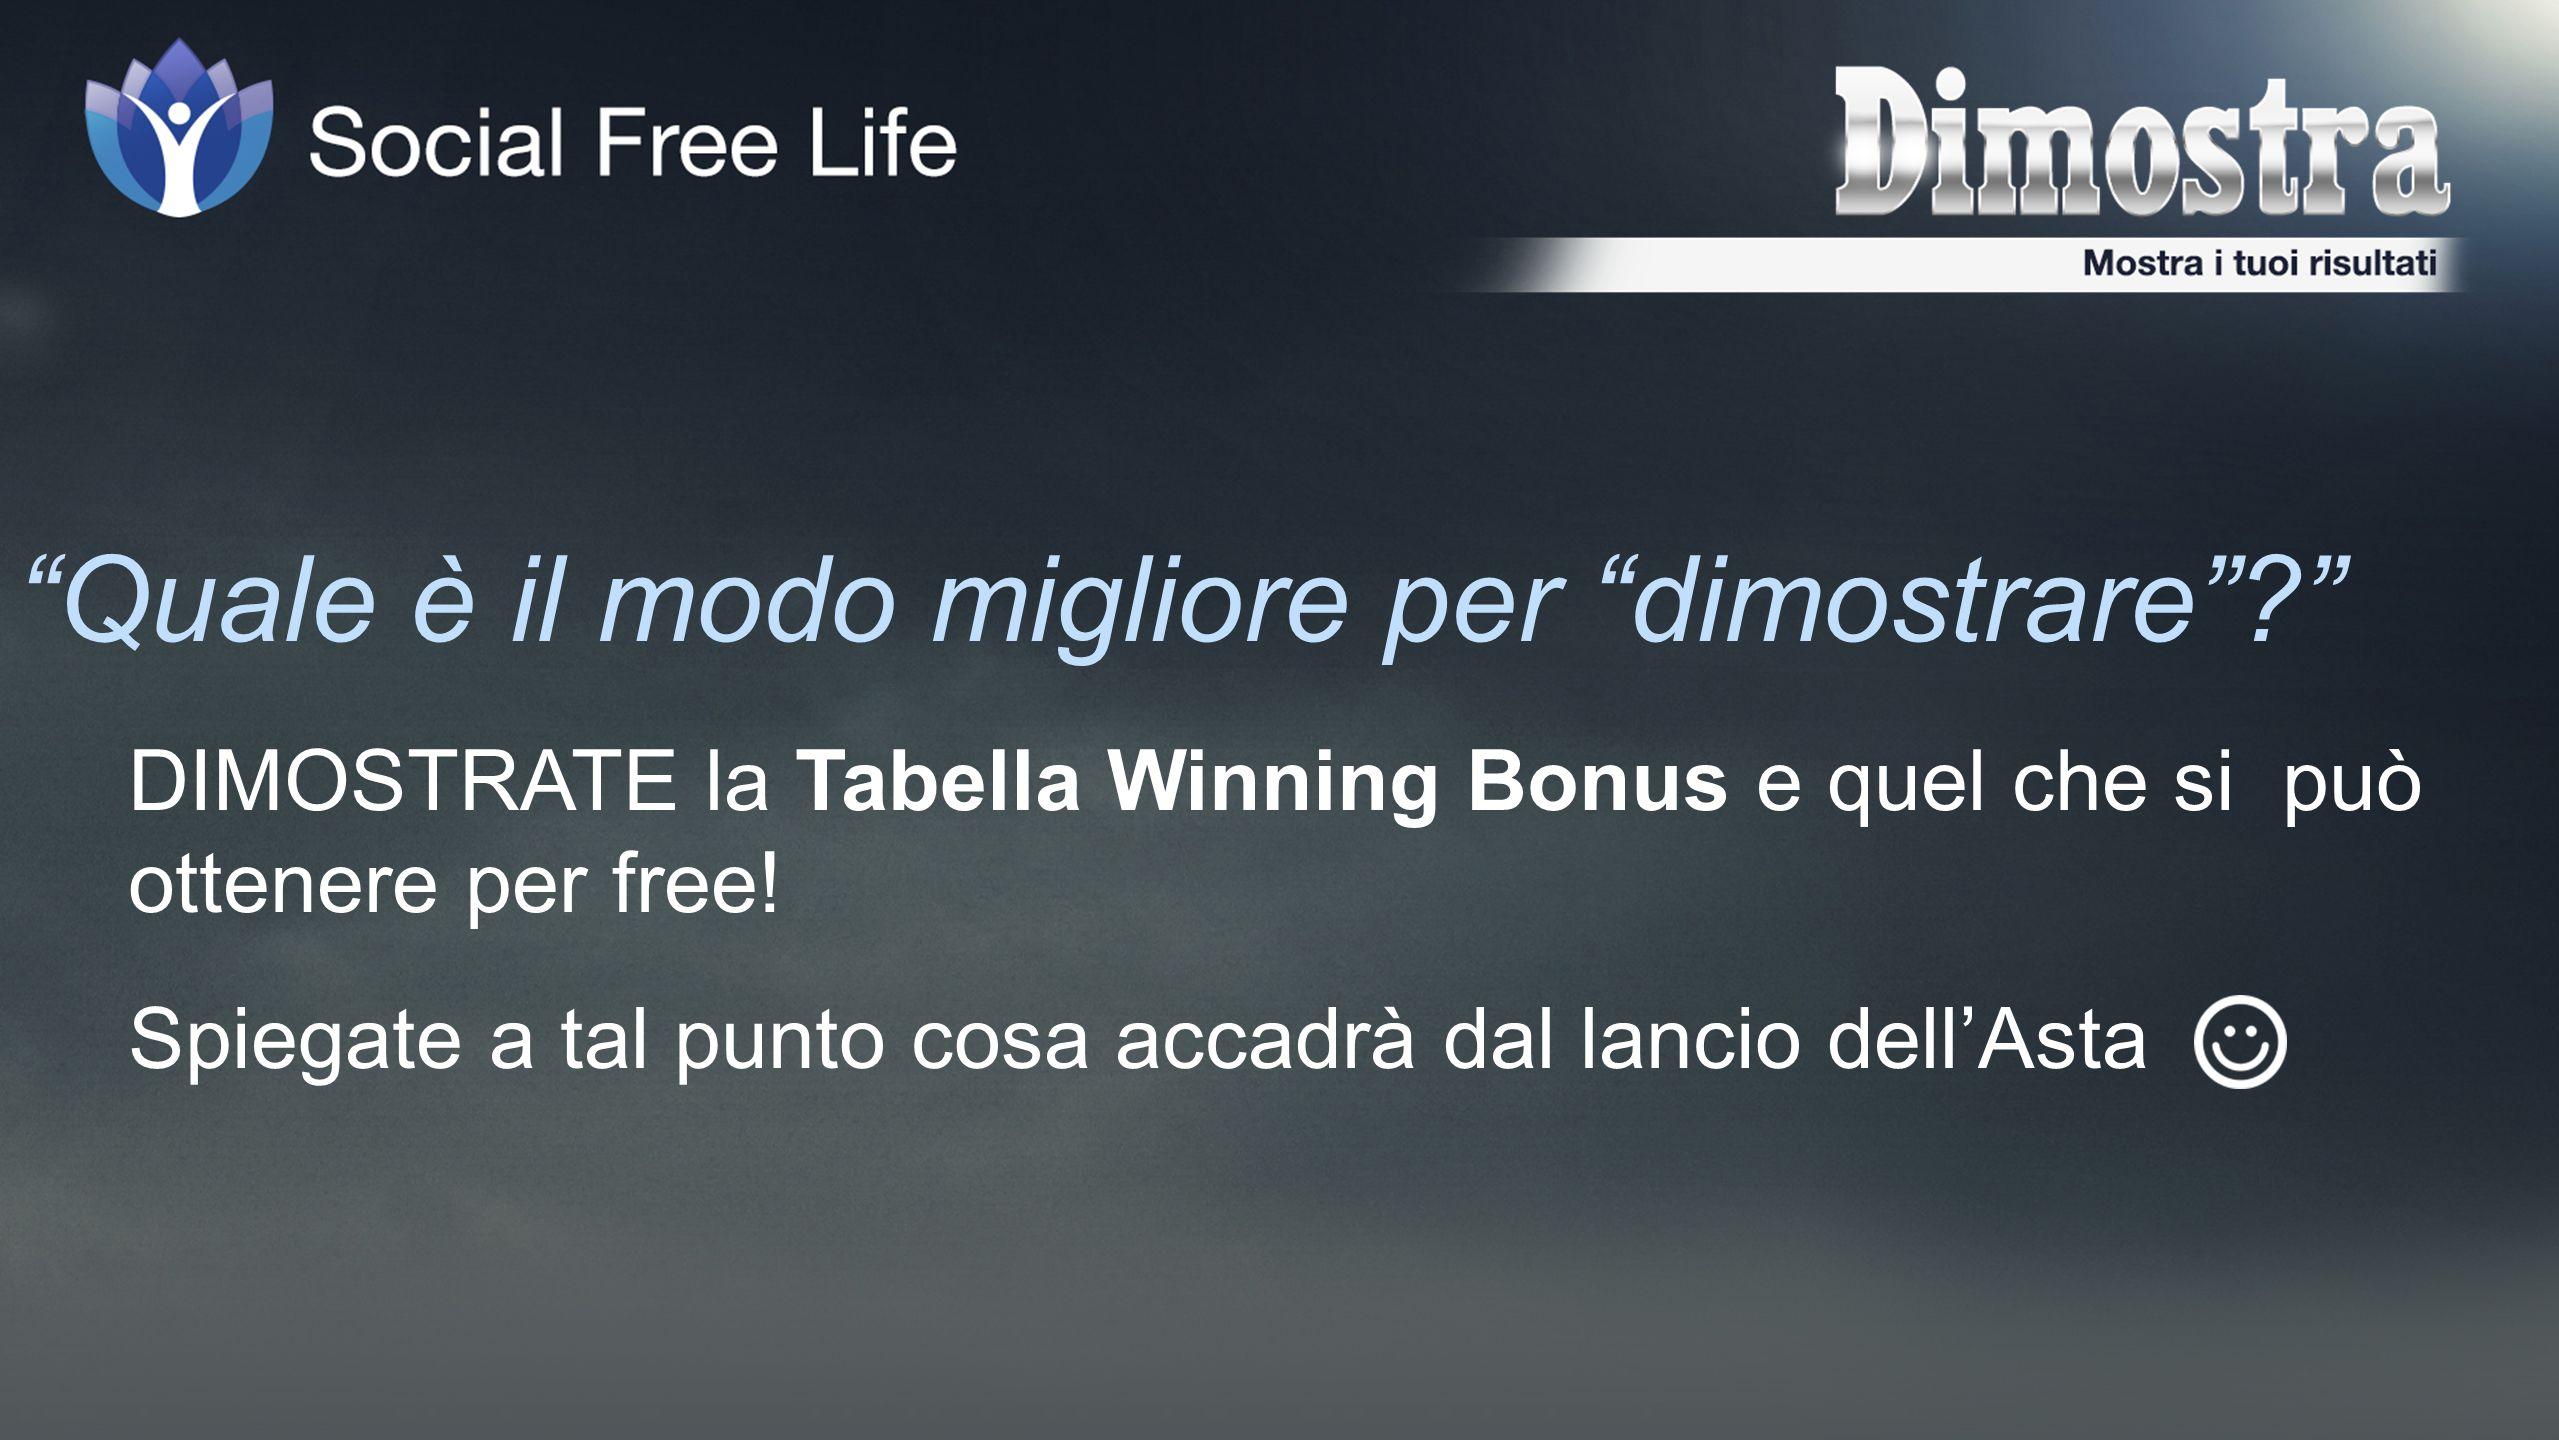 Quale è il modo migliore per dimostrare ? DIMOSTRATE la Tabella Winning Bonus e quel che si può ottenere per free.